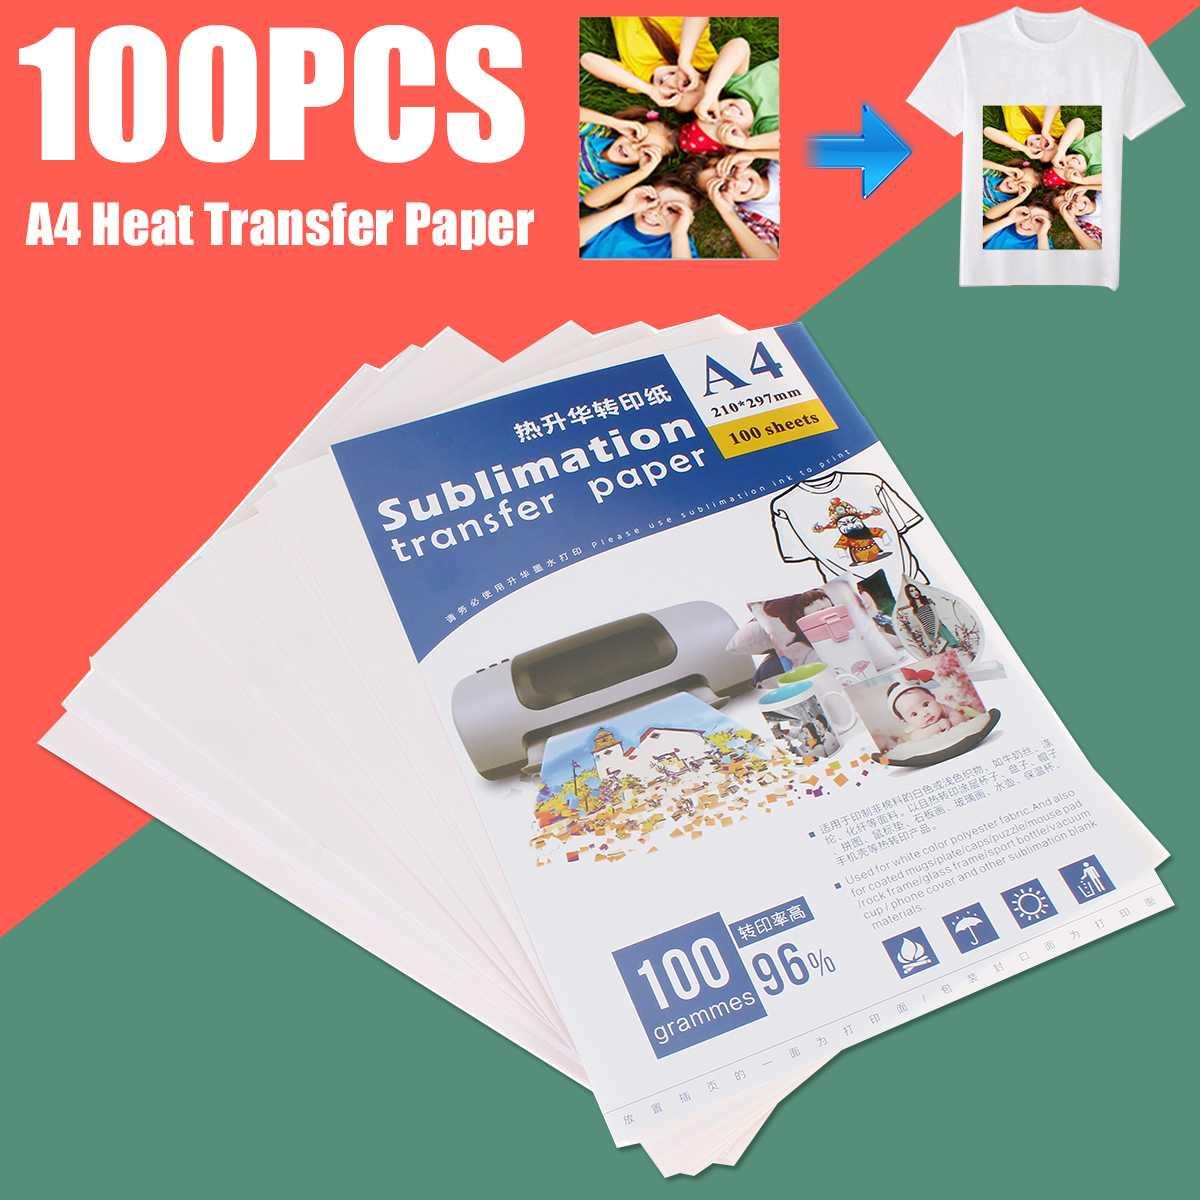 100 шт. A4 Термотрансферная бумага для печати футболок, машина для горячего штамповки, лампа/темная переводная бумага